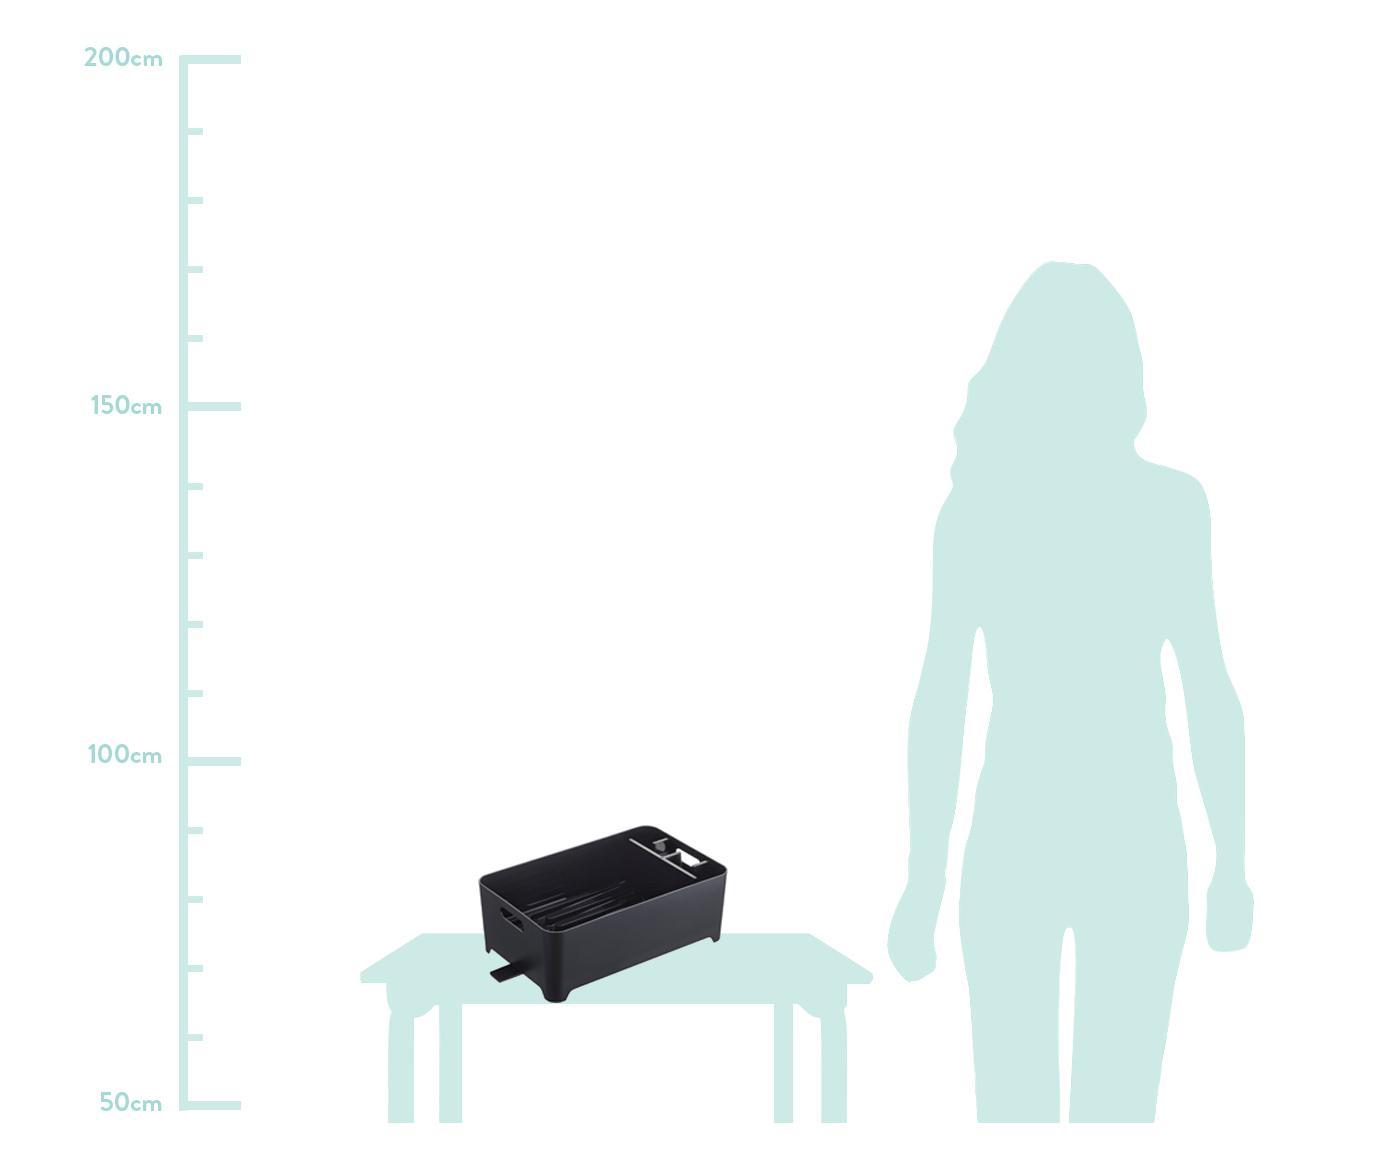 Suszarka do naczyń  Tower, Tworzywo sztuczne (ABS), Czarny, S 38 x W 13 cm